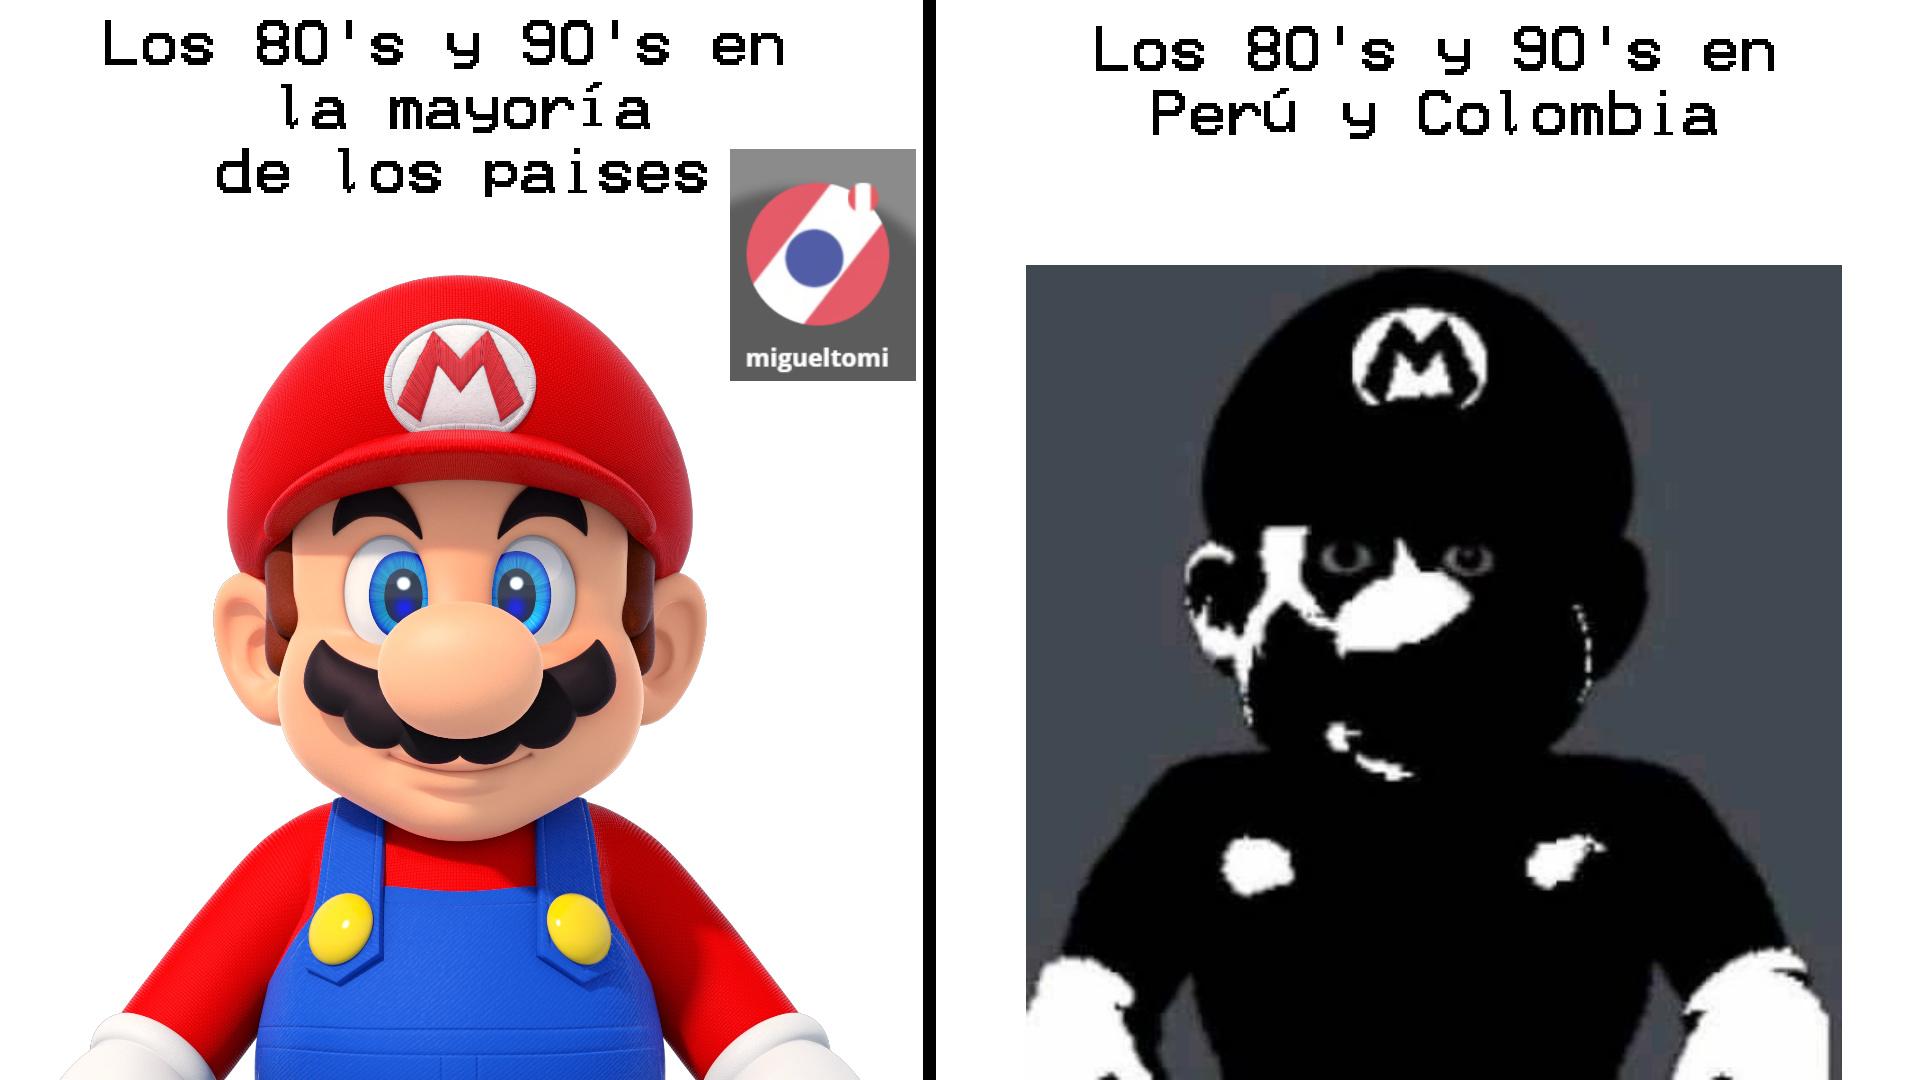 Quienes no entienden durante esas épocas Sendero Luminoso y el MRTA en Perú y las FARC en Colombia causaban muchos atentados, secuestros y asesinatos en sus países - meme